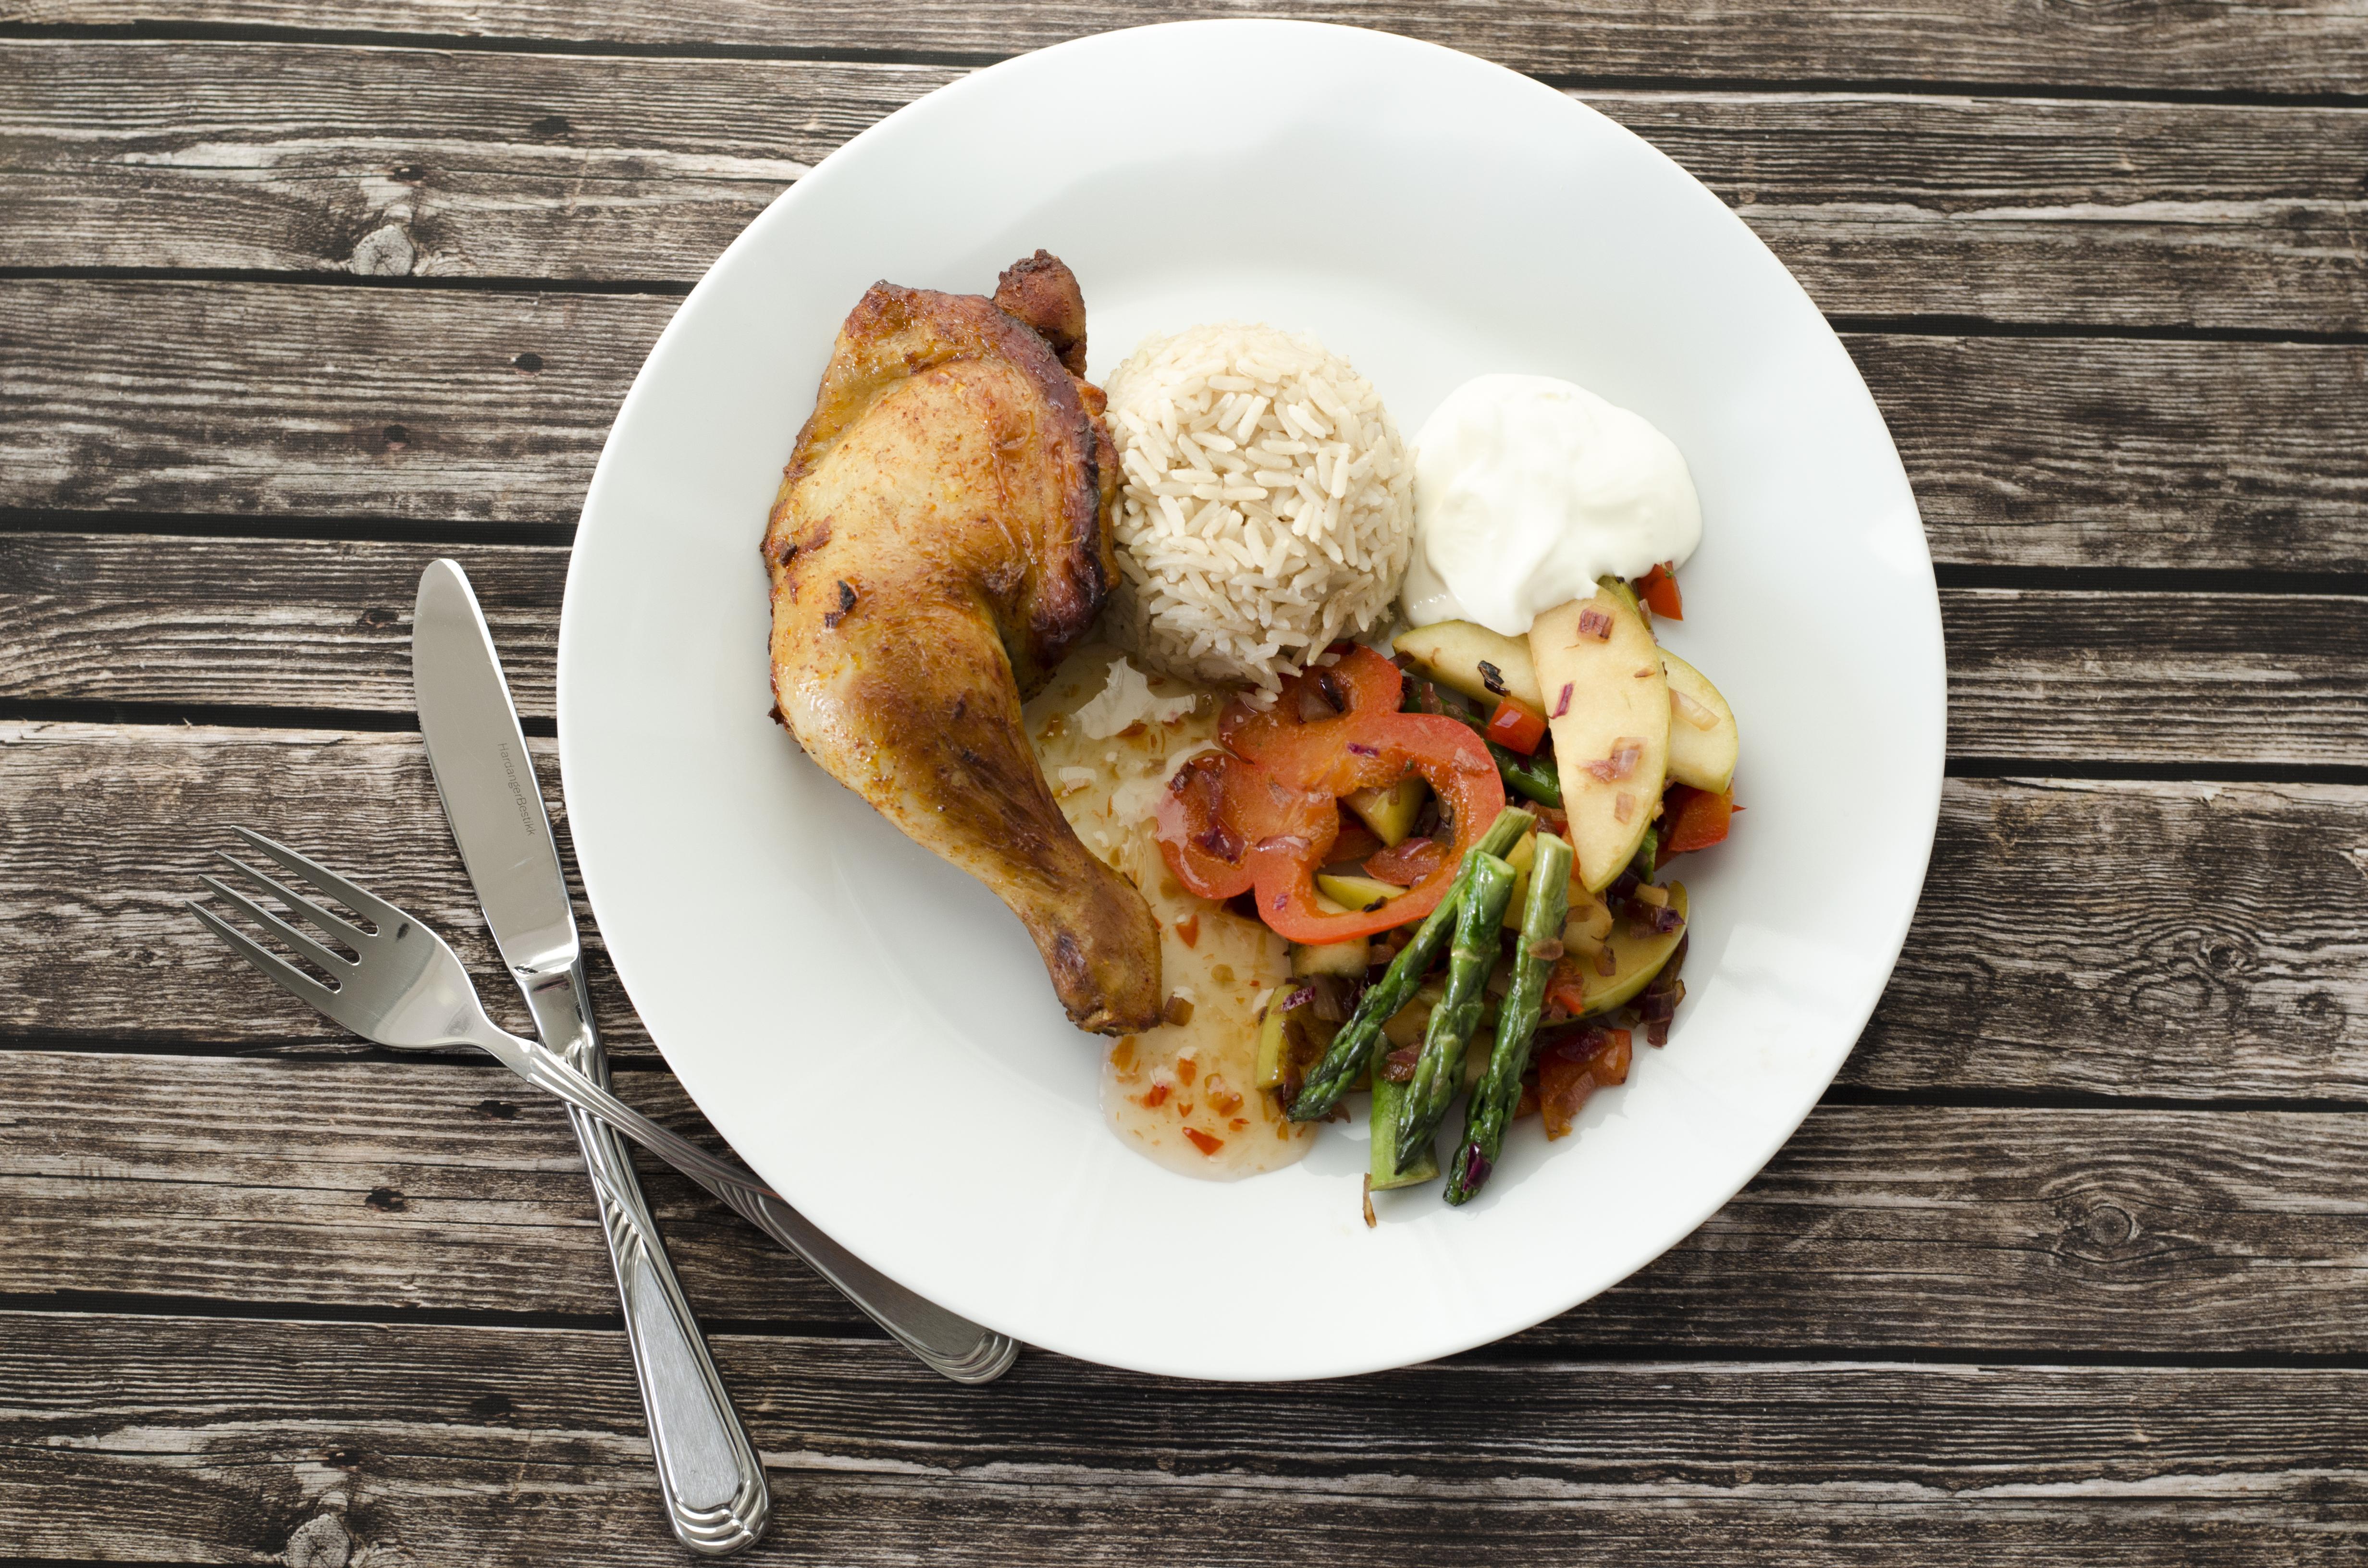 Grillet Kylling Med Lun Salat Og Ris Lise Camilla Glutenfri